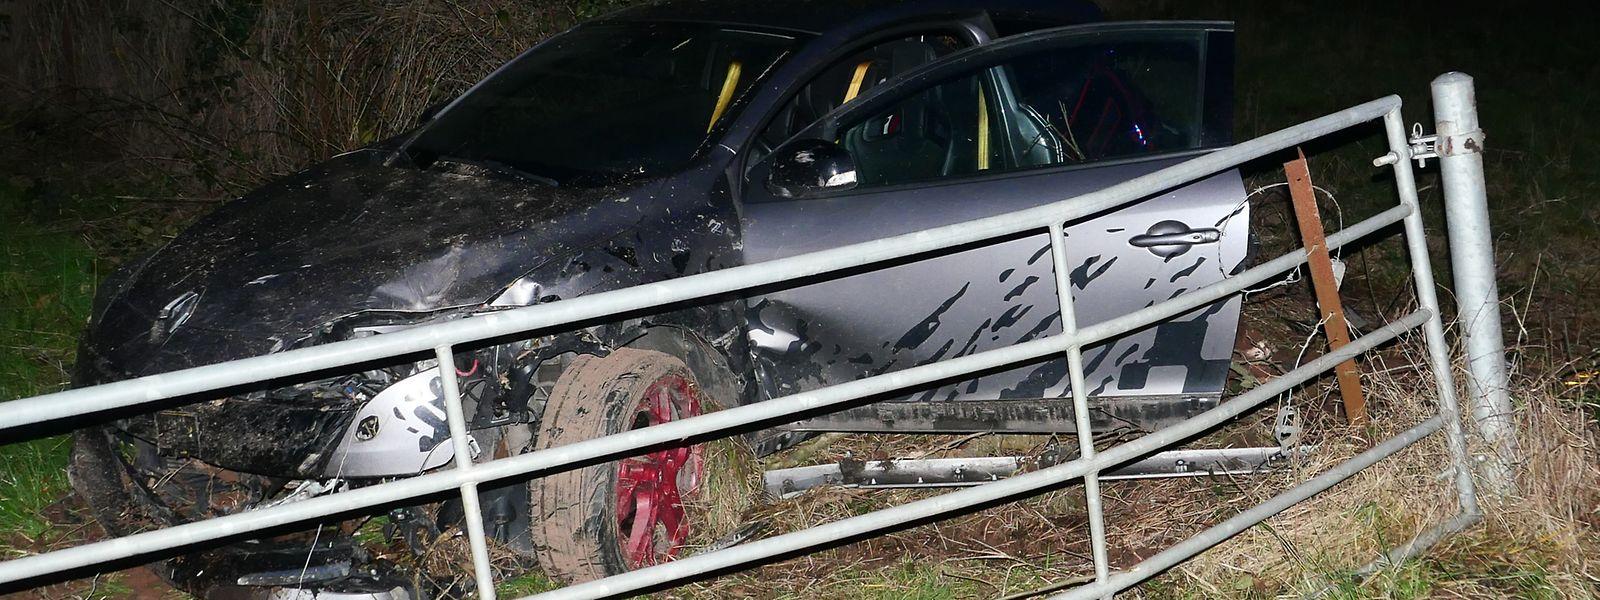 Der Fahrer des Autos wurde bei dem Unfall schwer verletzt.